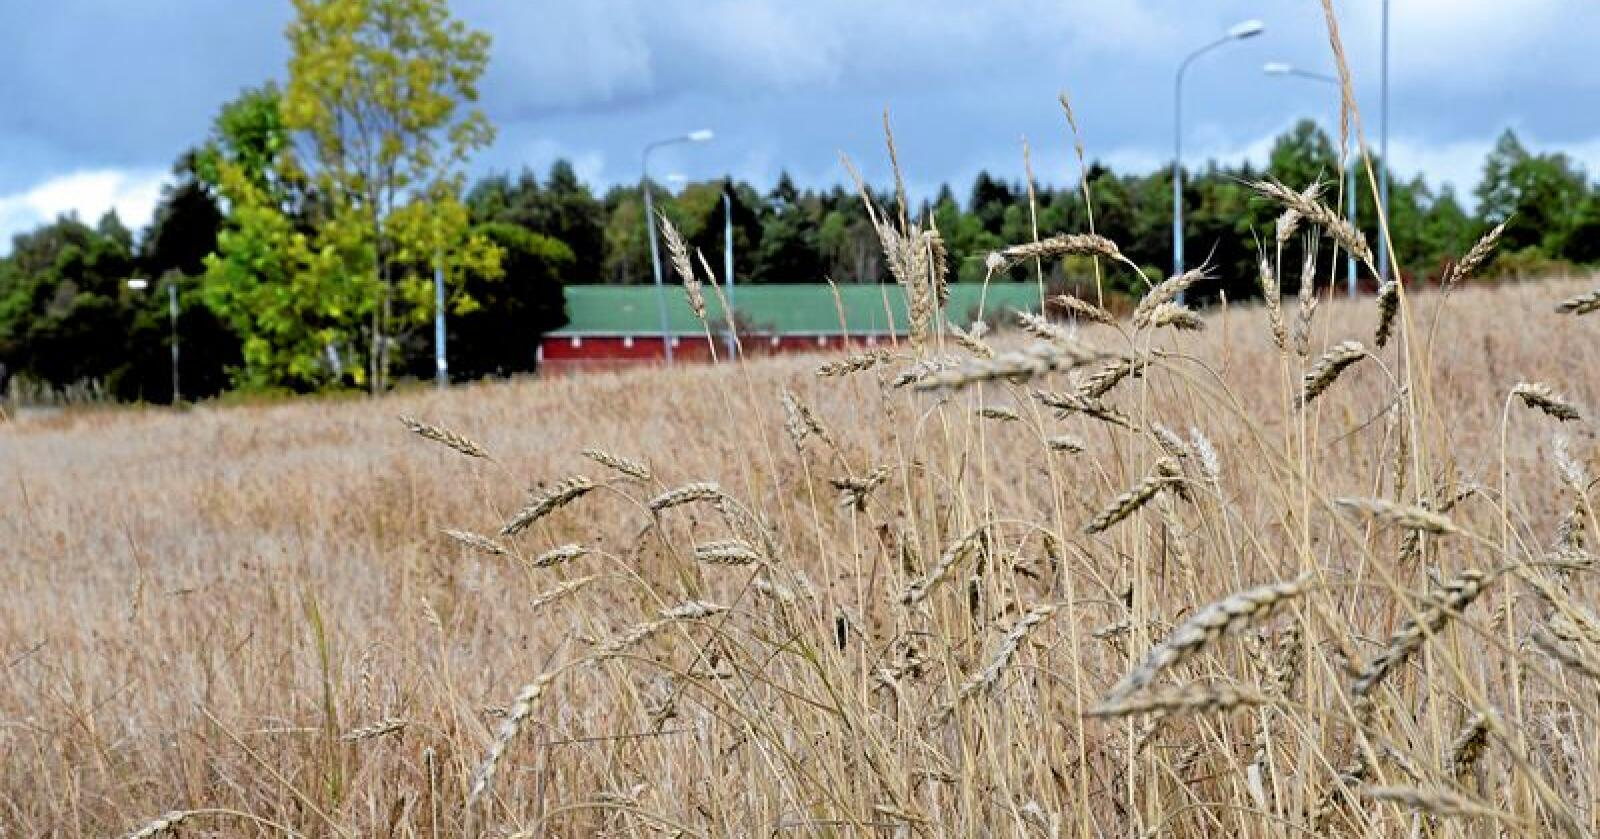 Regjeringen ønsker ikke å bygge opp et beredskapslager med korn. Foto: Mariann Tvete